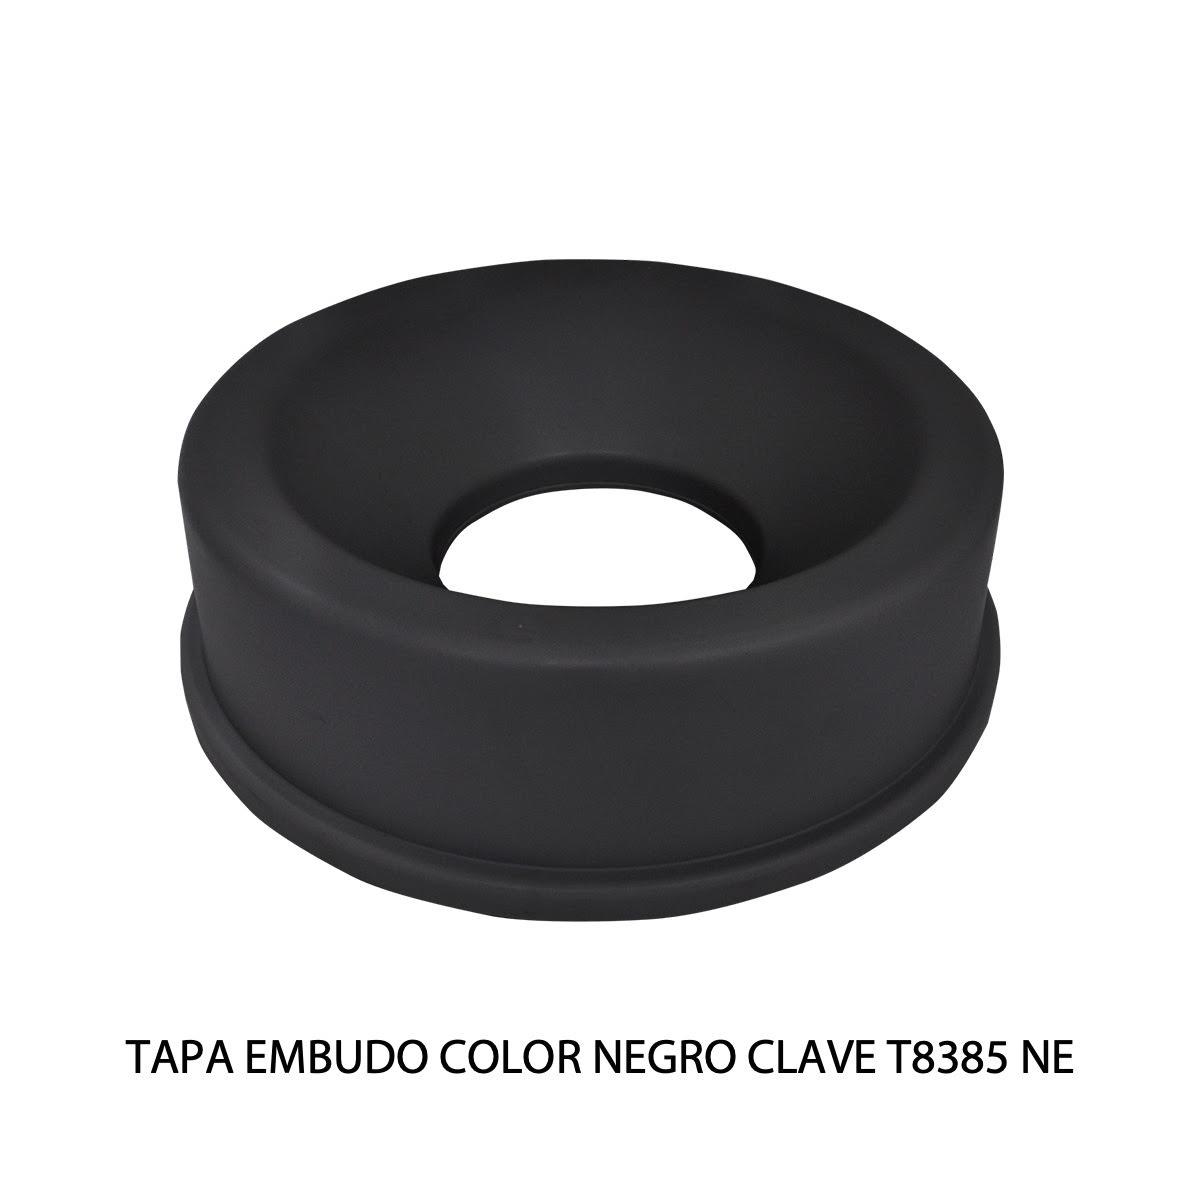 Tapa embudo color negro clave T8385 NE de Sablón